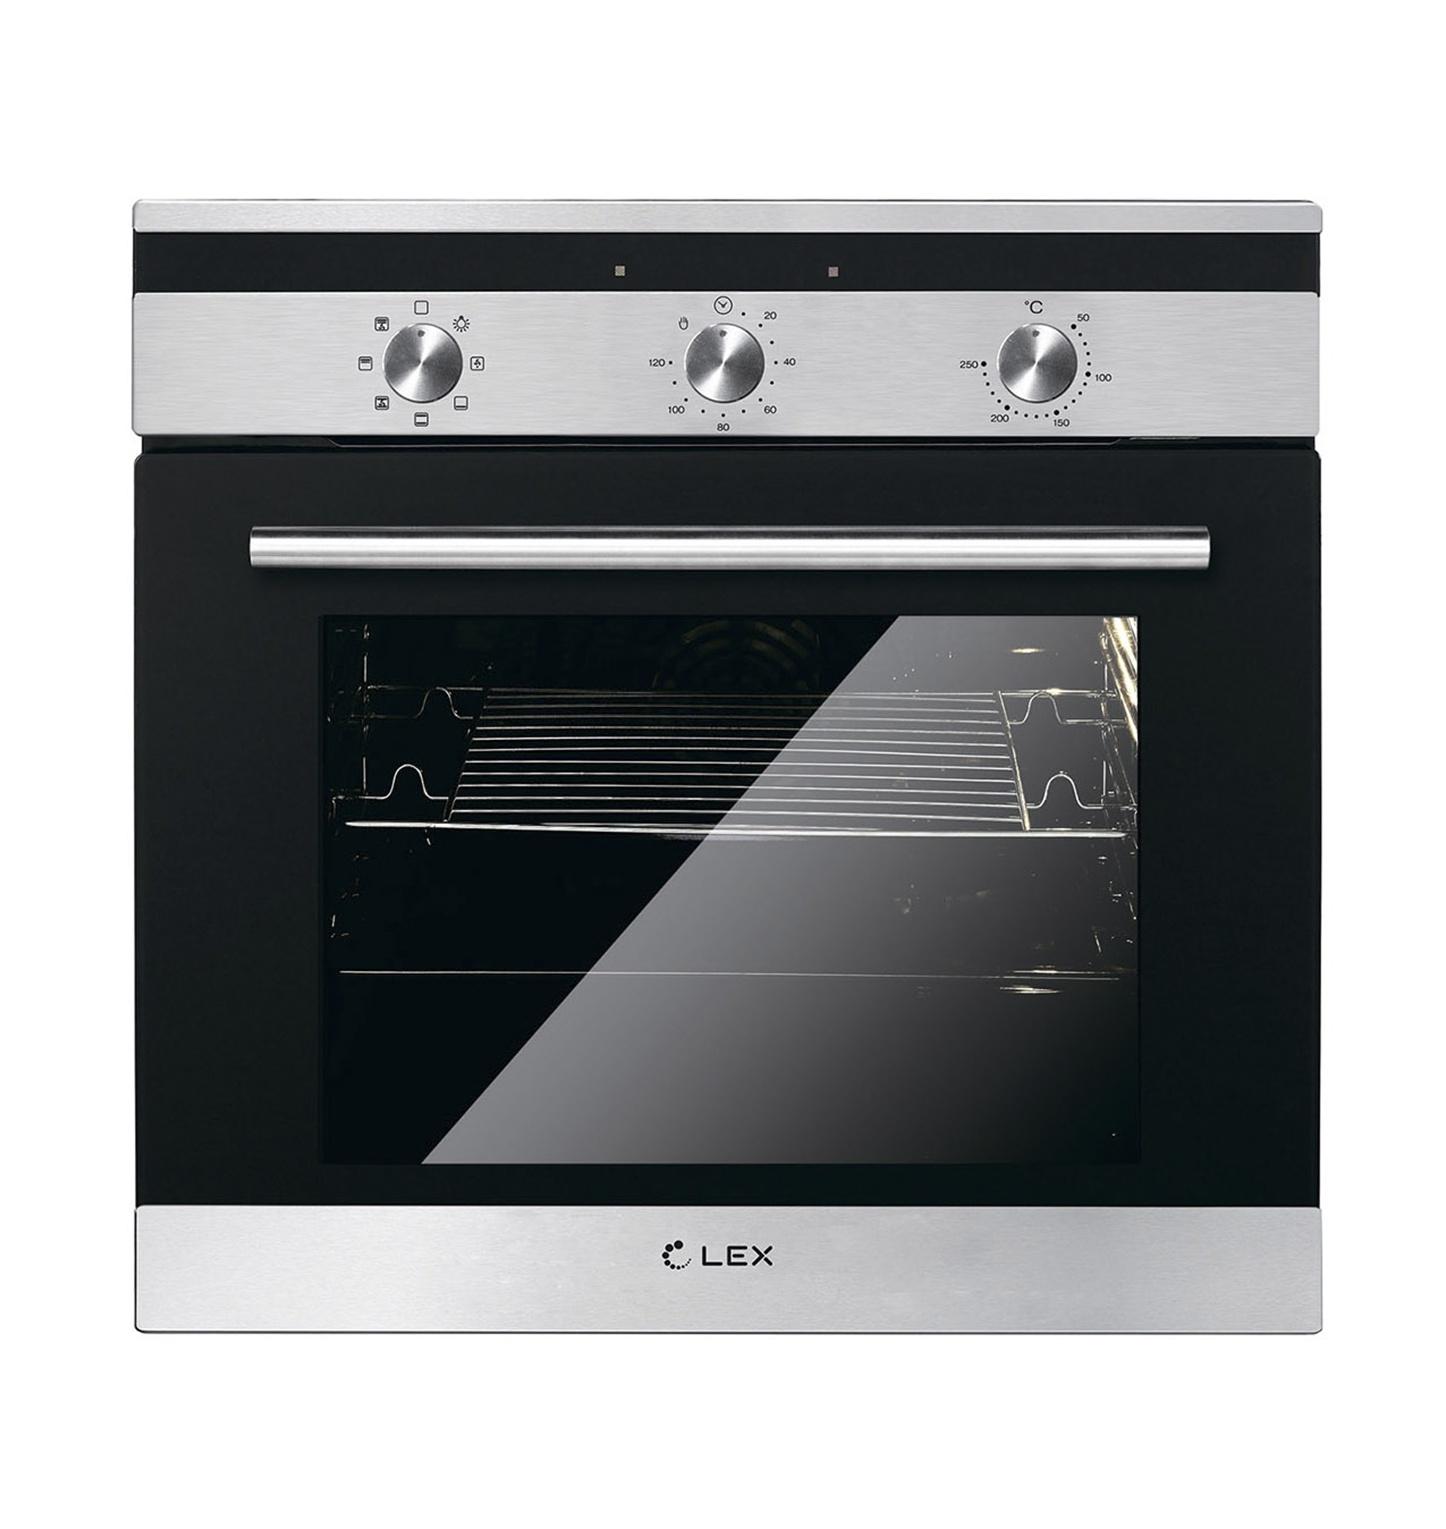 лучшая цена Духовой шкаф Lex EDM 070 IX, черно-серый